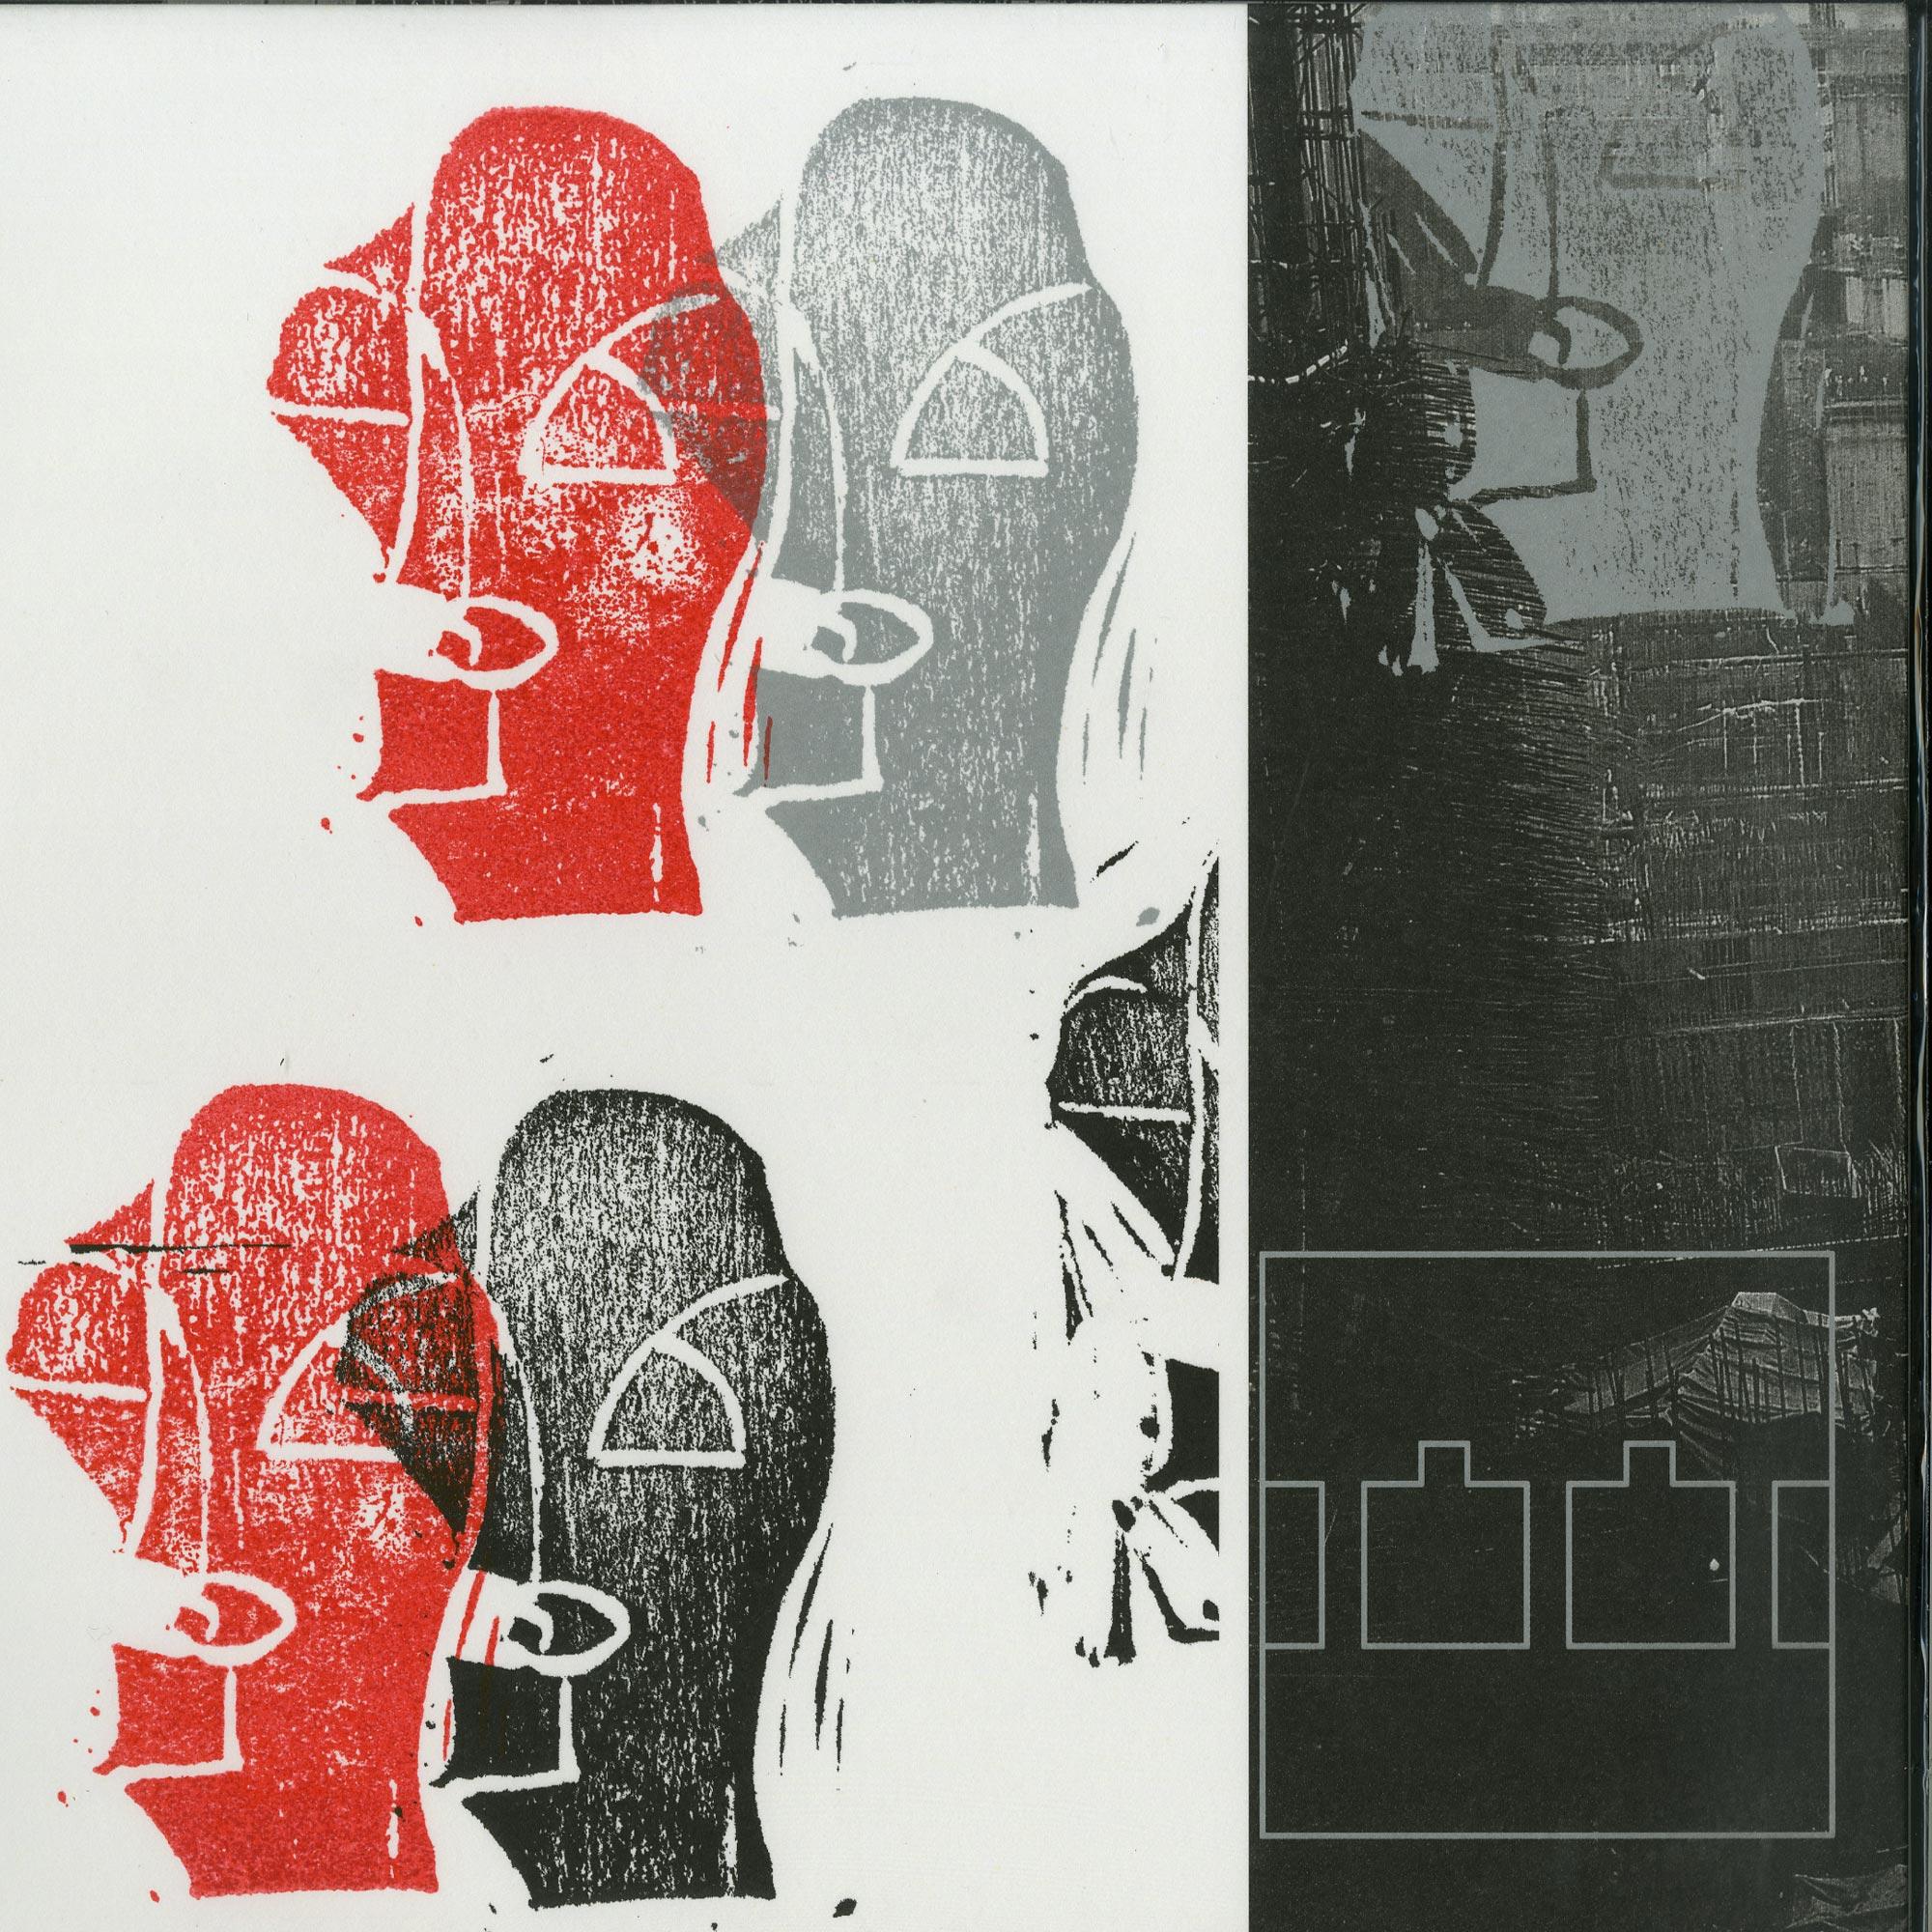 Harmonious Thelonious - APAKAPA EP